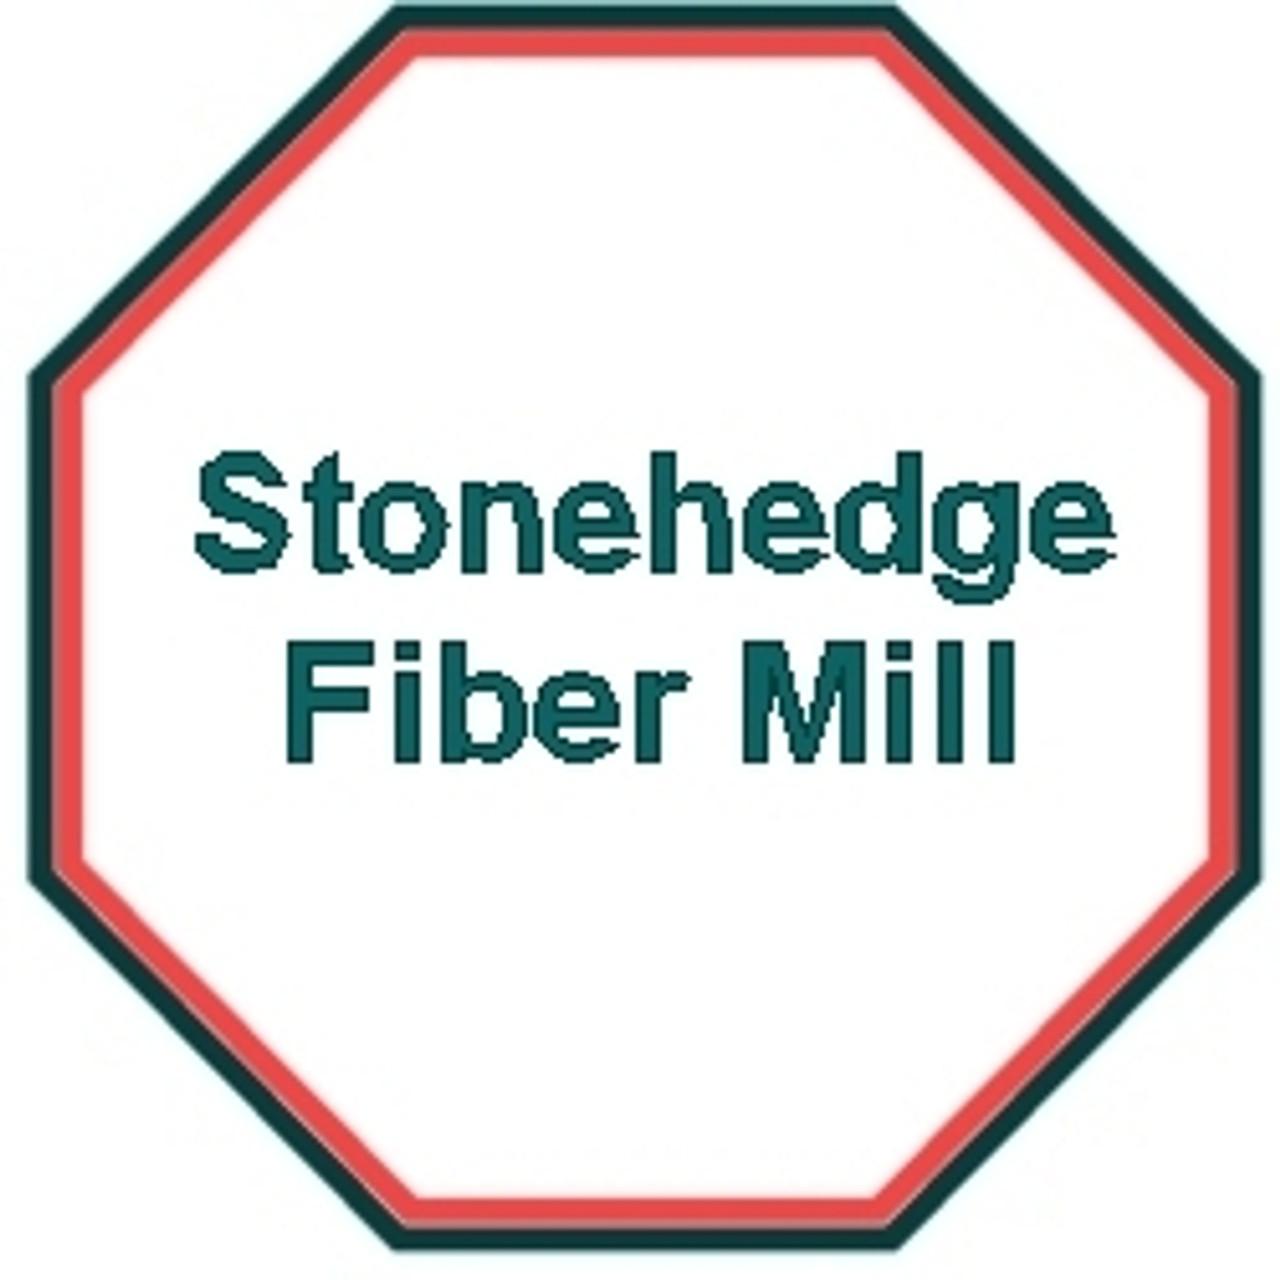 Stonehedge Fiber Mill